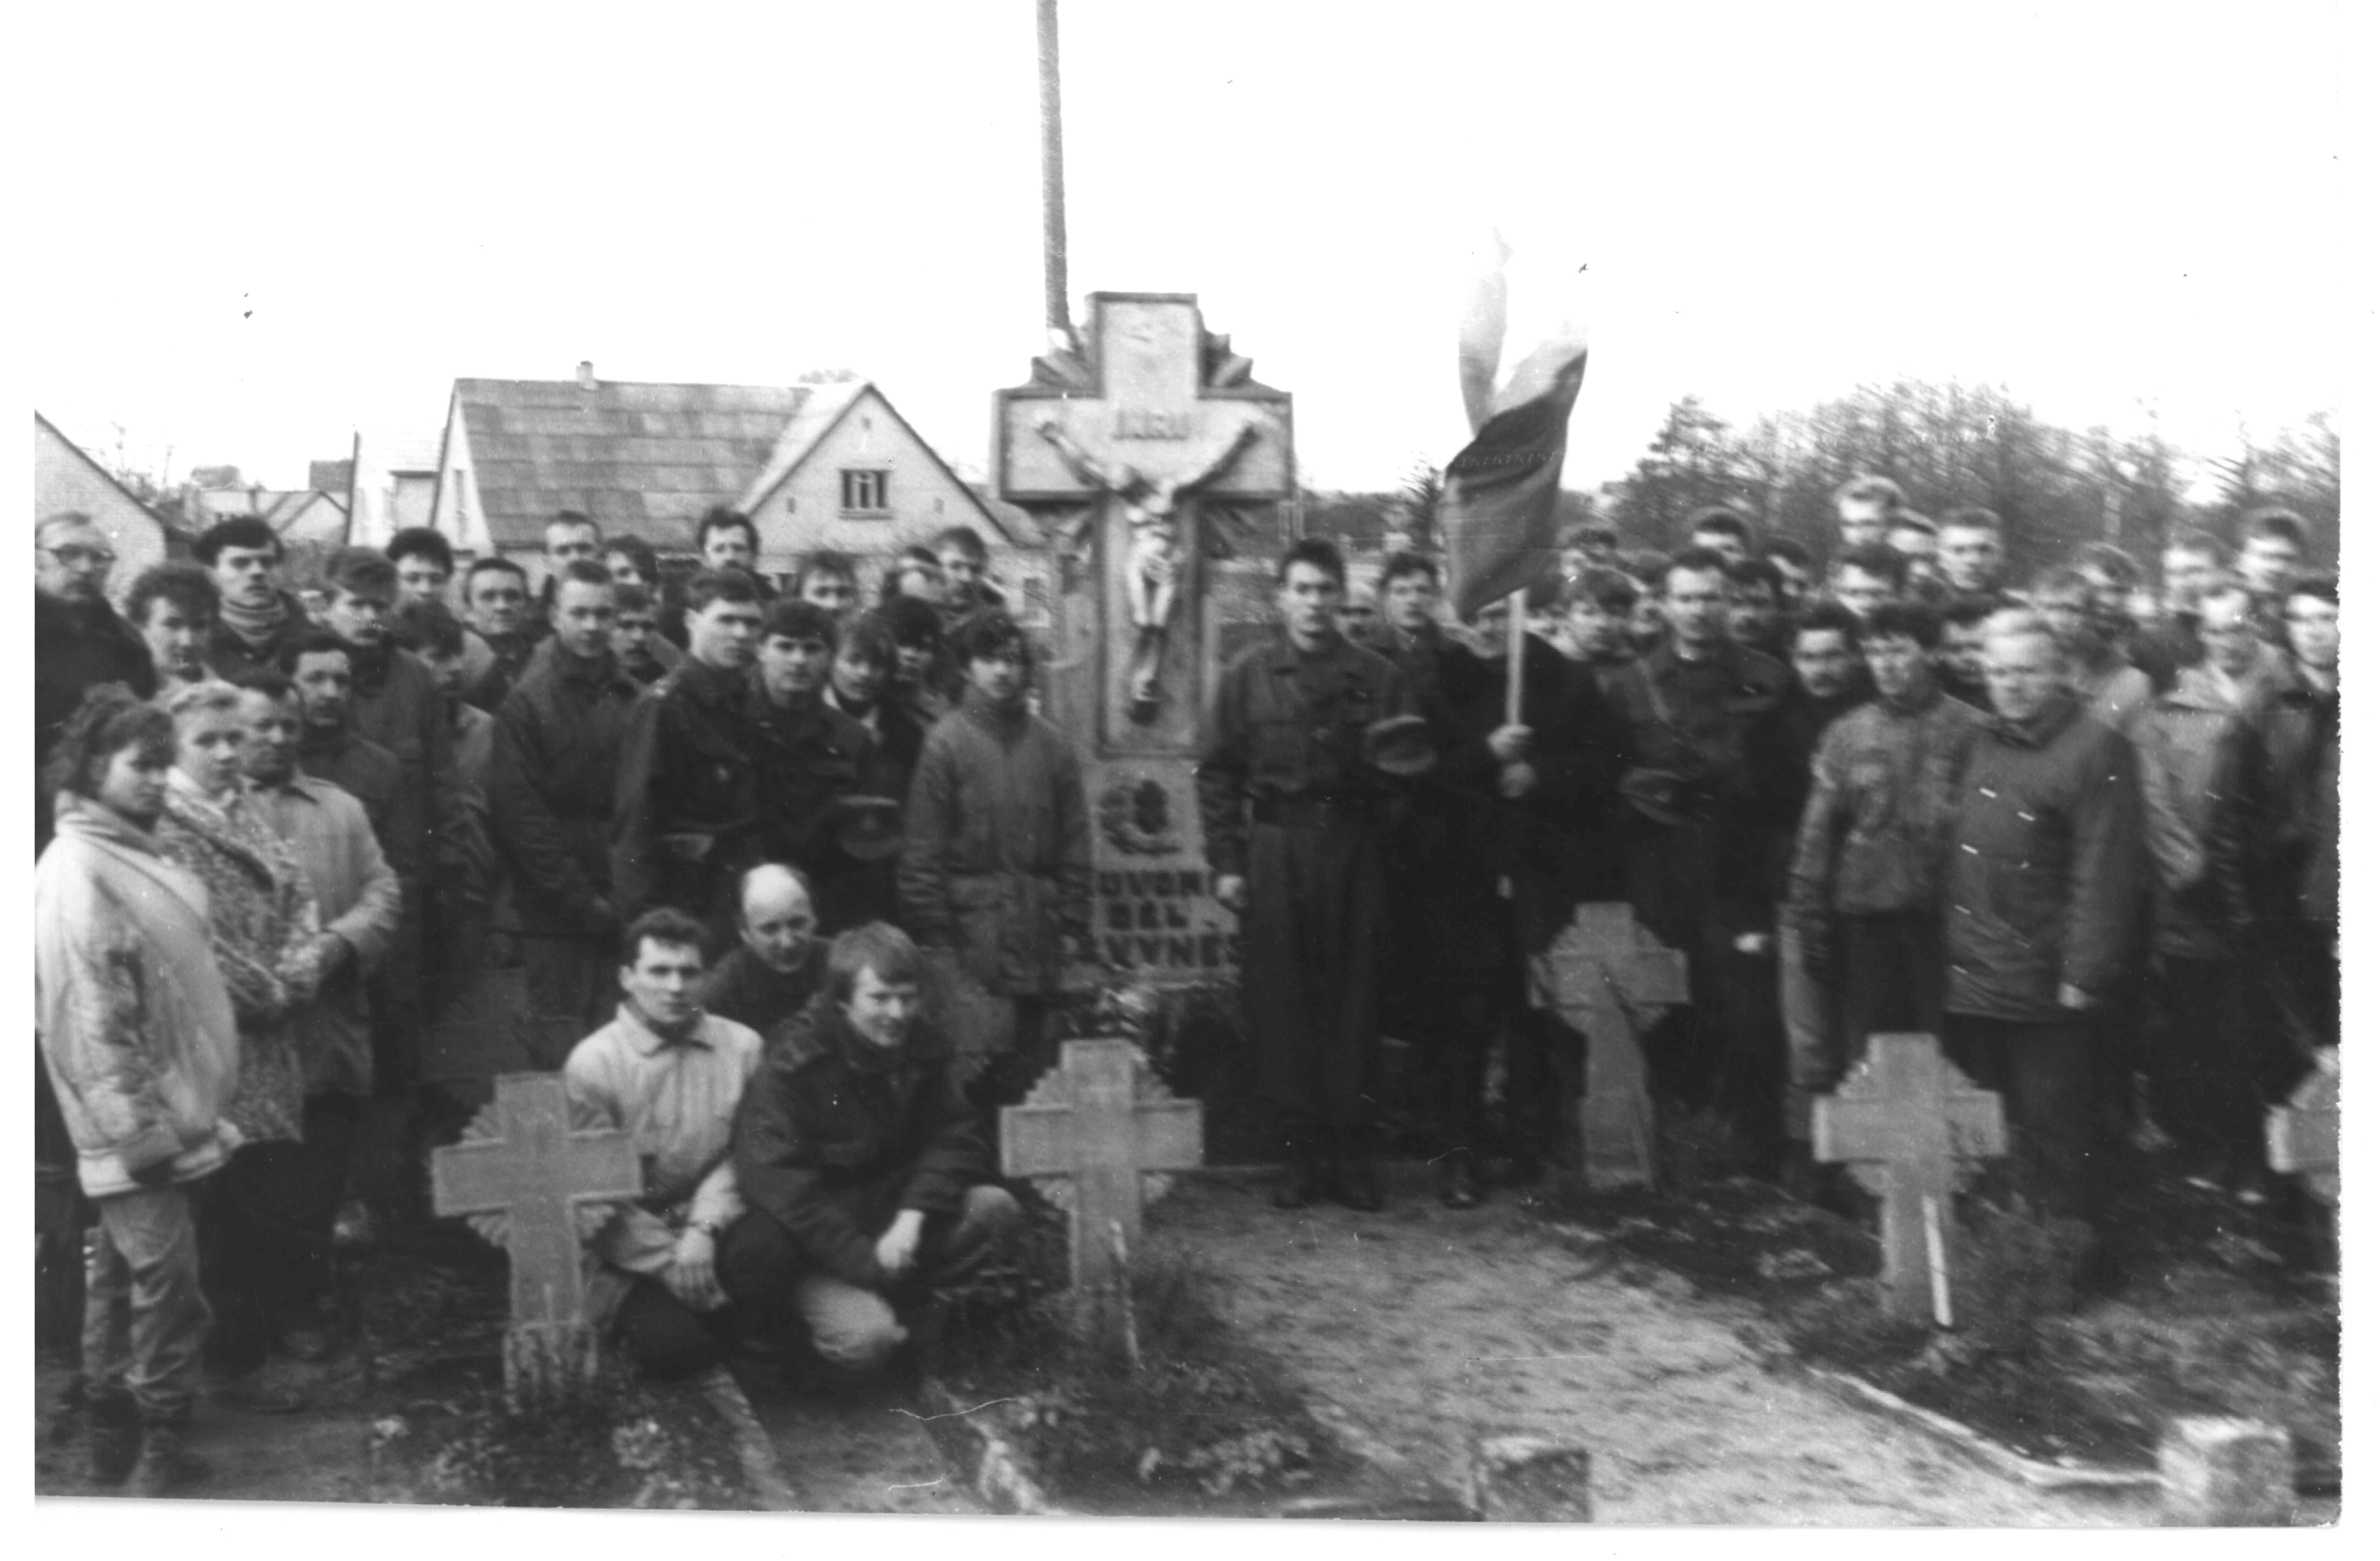 Vieviškių darbai nepriklausomos Lietuvos gynybai